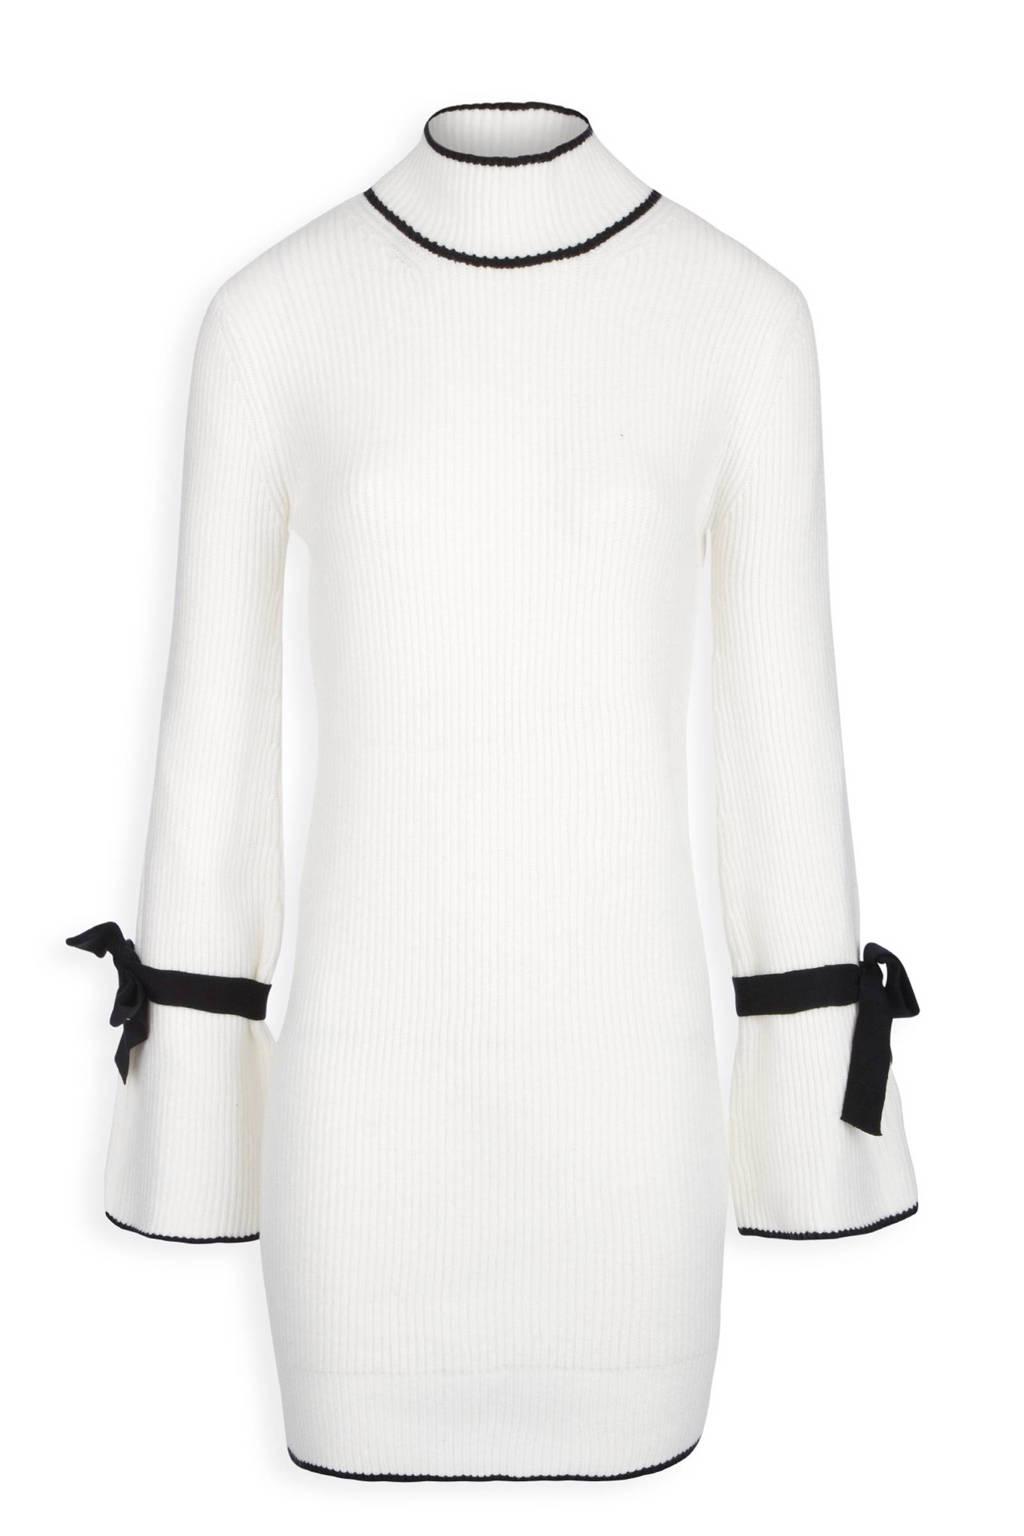 Morgan jurk met col, Naturel wit/zwart